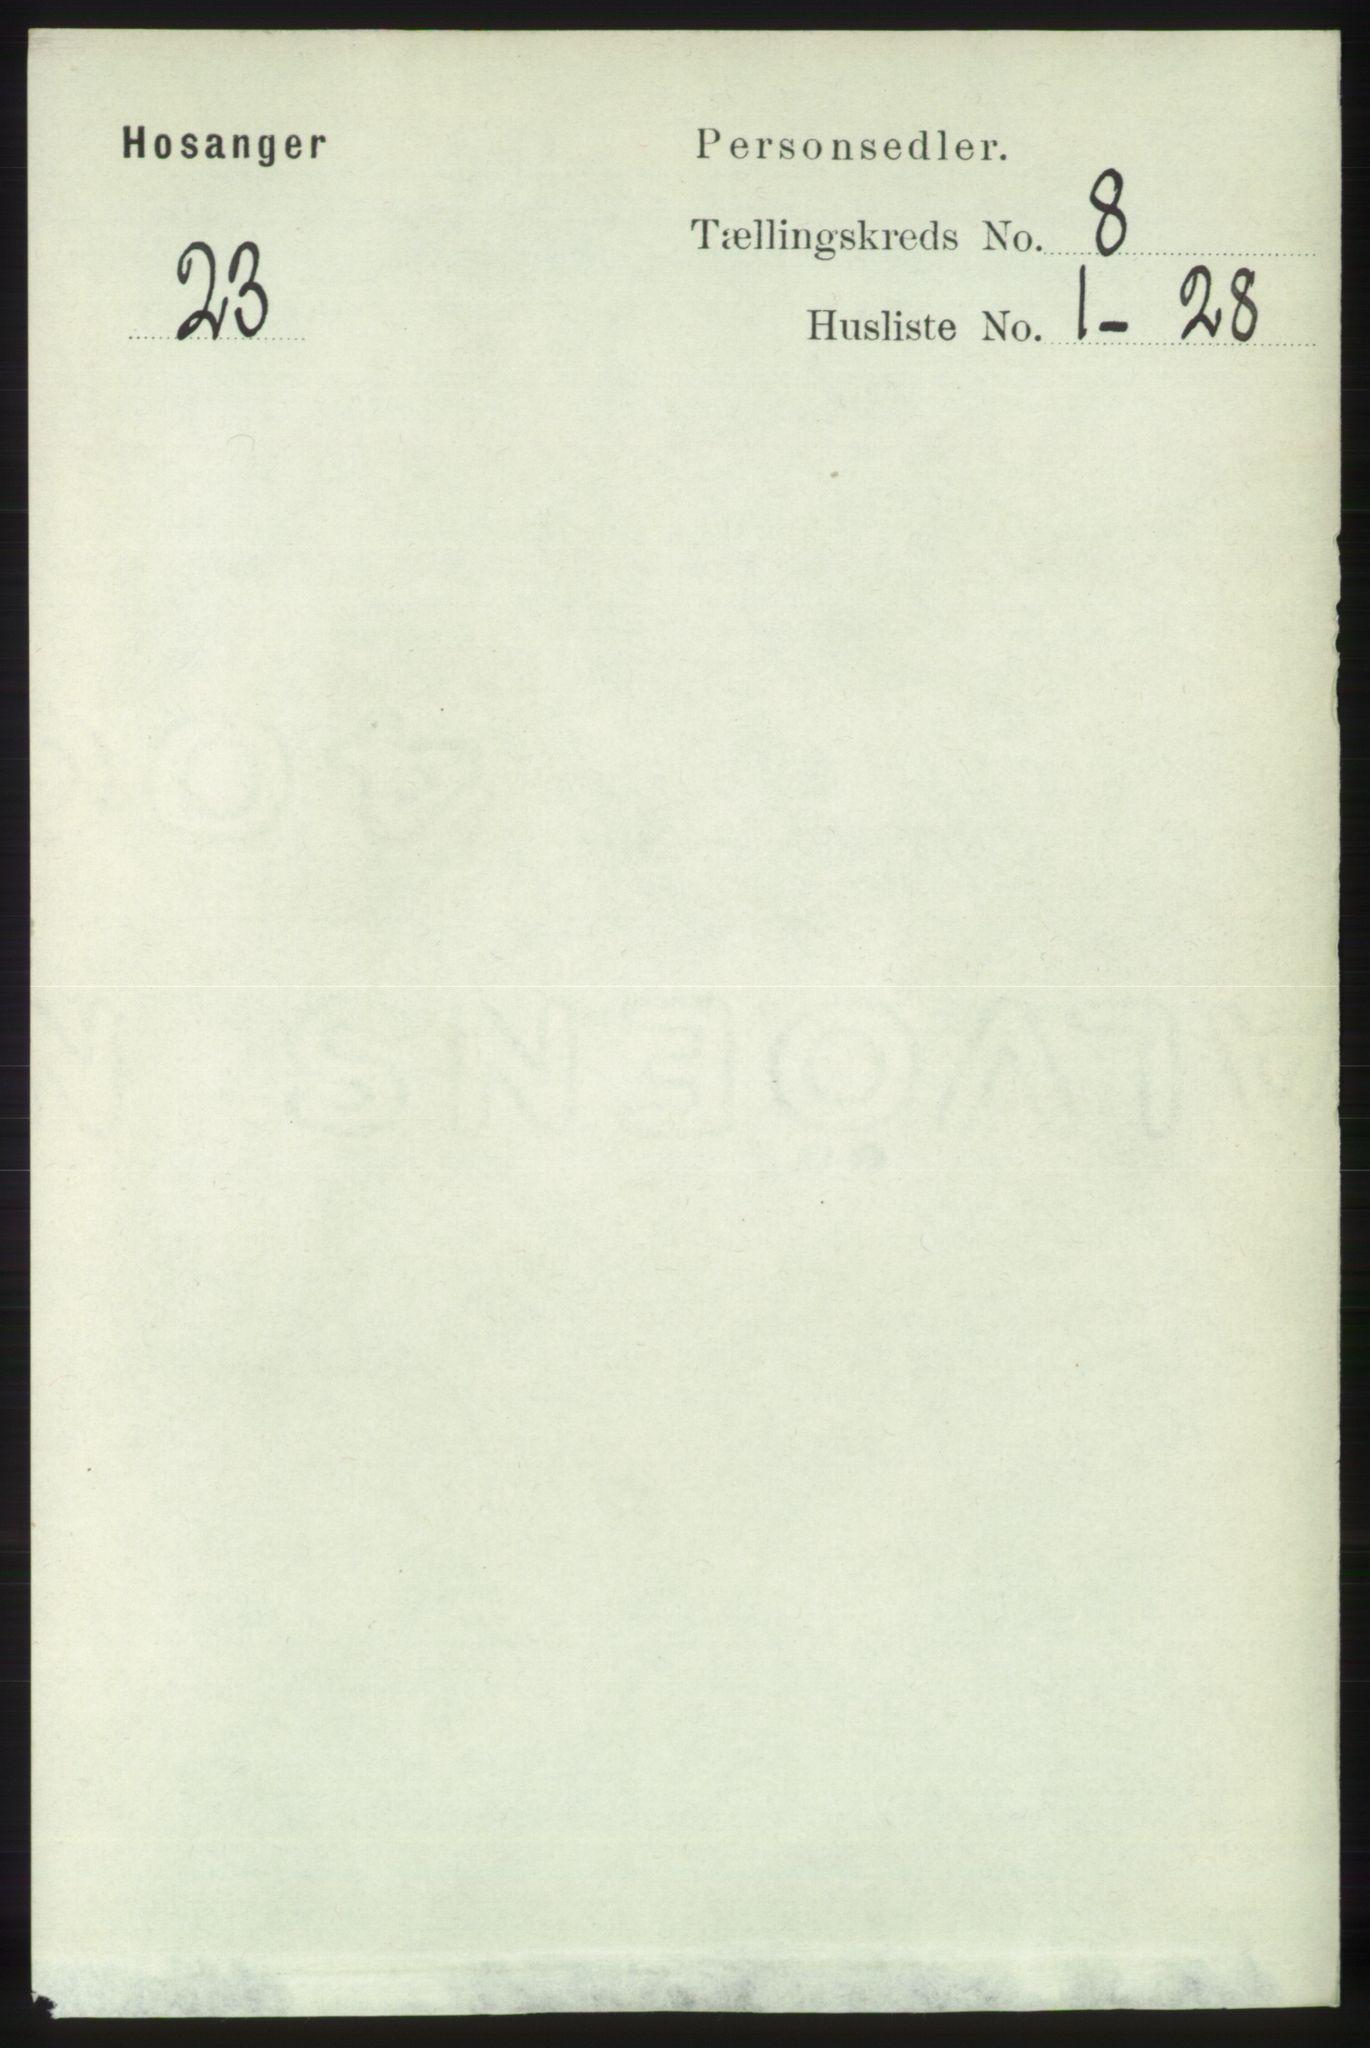 RA, Folketelling 1891 for 1253 Hosanger herred, 1891, s. 2951